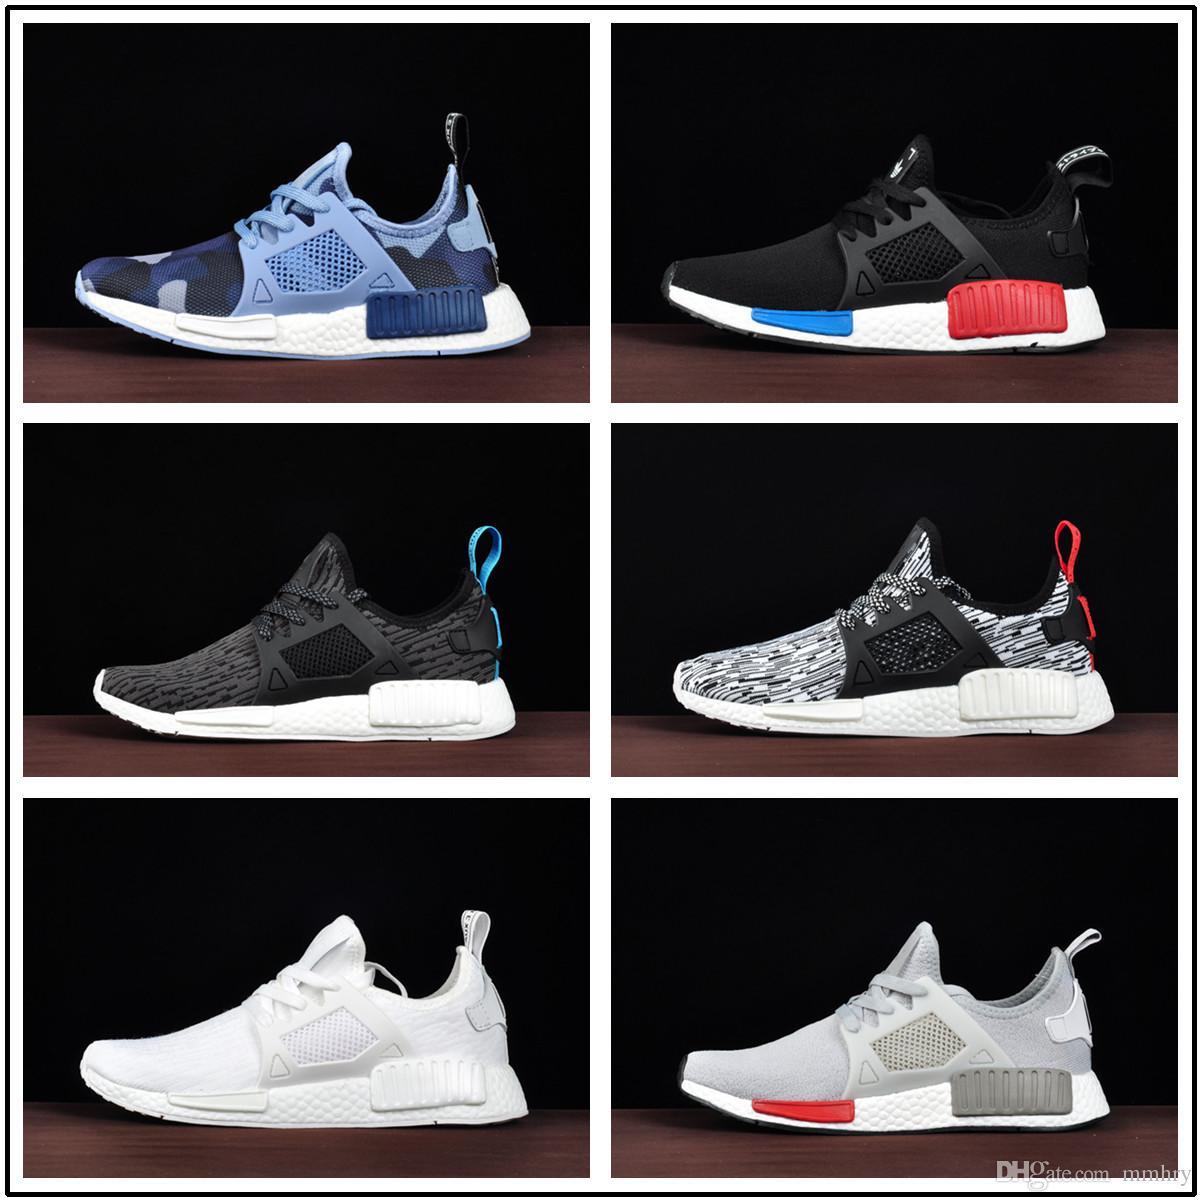 buy online 4ff85 b4102 Compre Venta Caliente 2018 Adidas Nuevos Originales Nmd R1 Runner Primeknit  Pk Boost Tri Color Spiderman Mujeres Hombres Zapatillas De Deporte De  Diseño ...